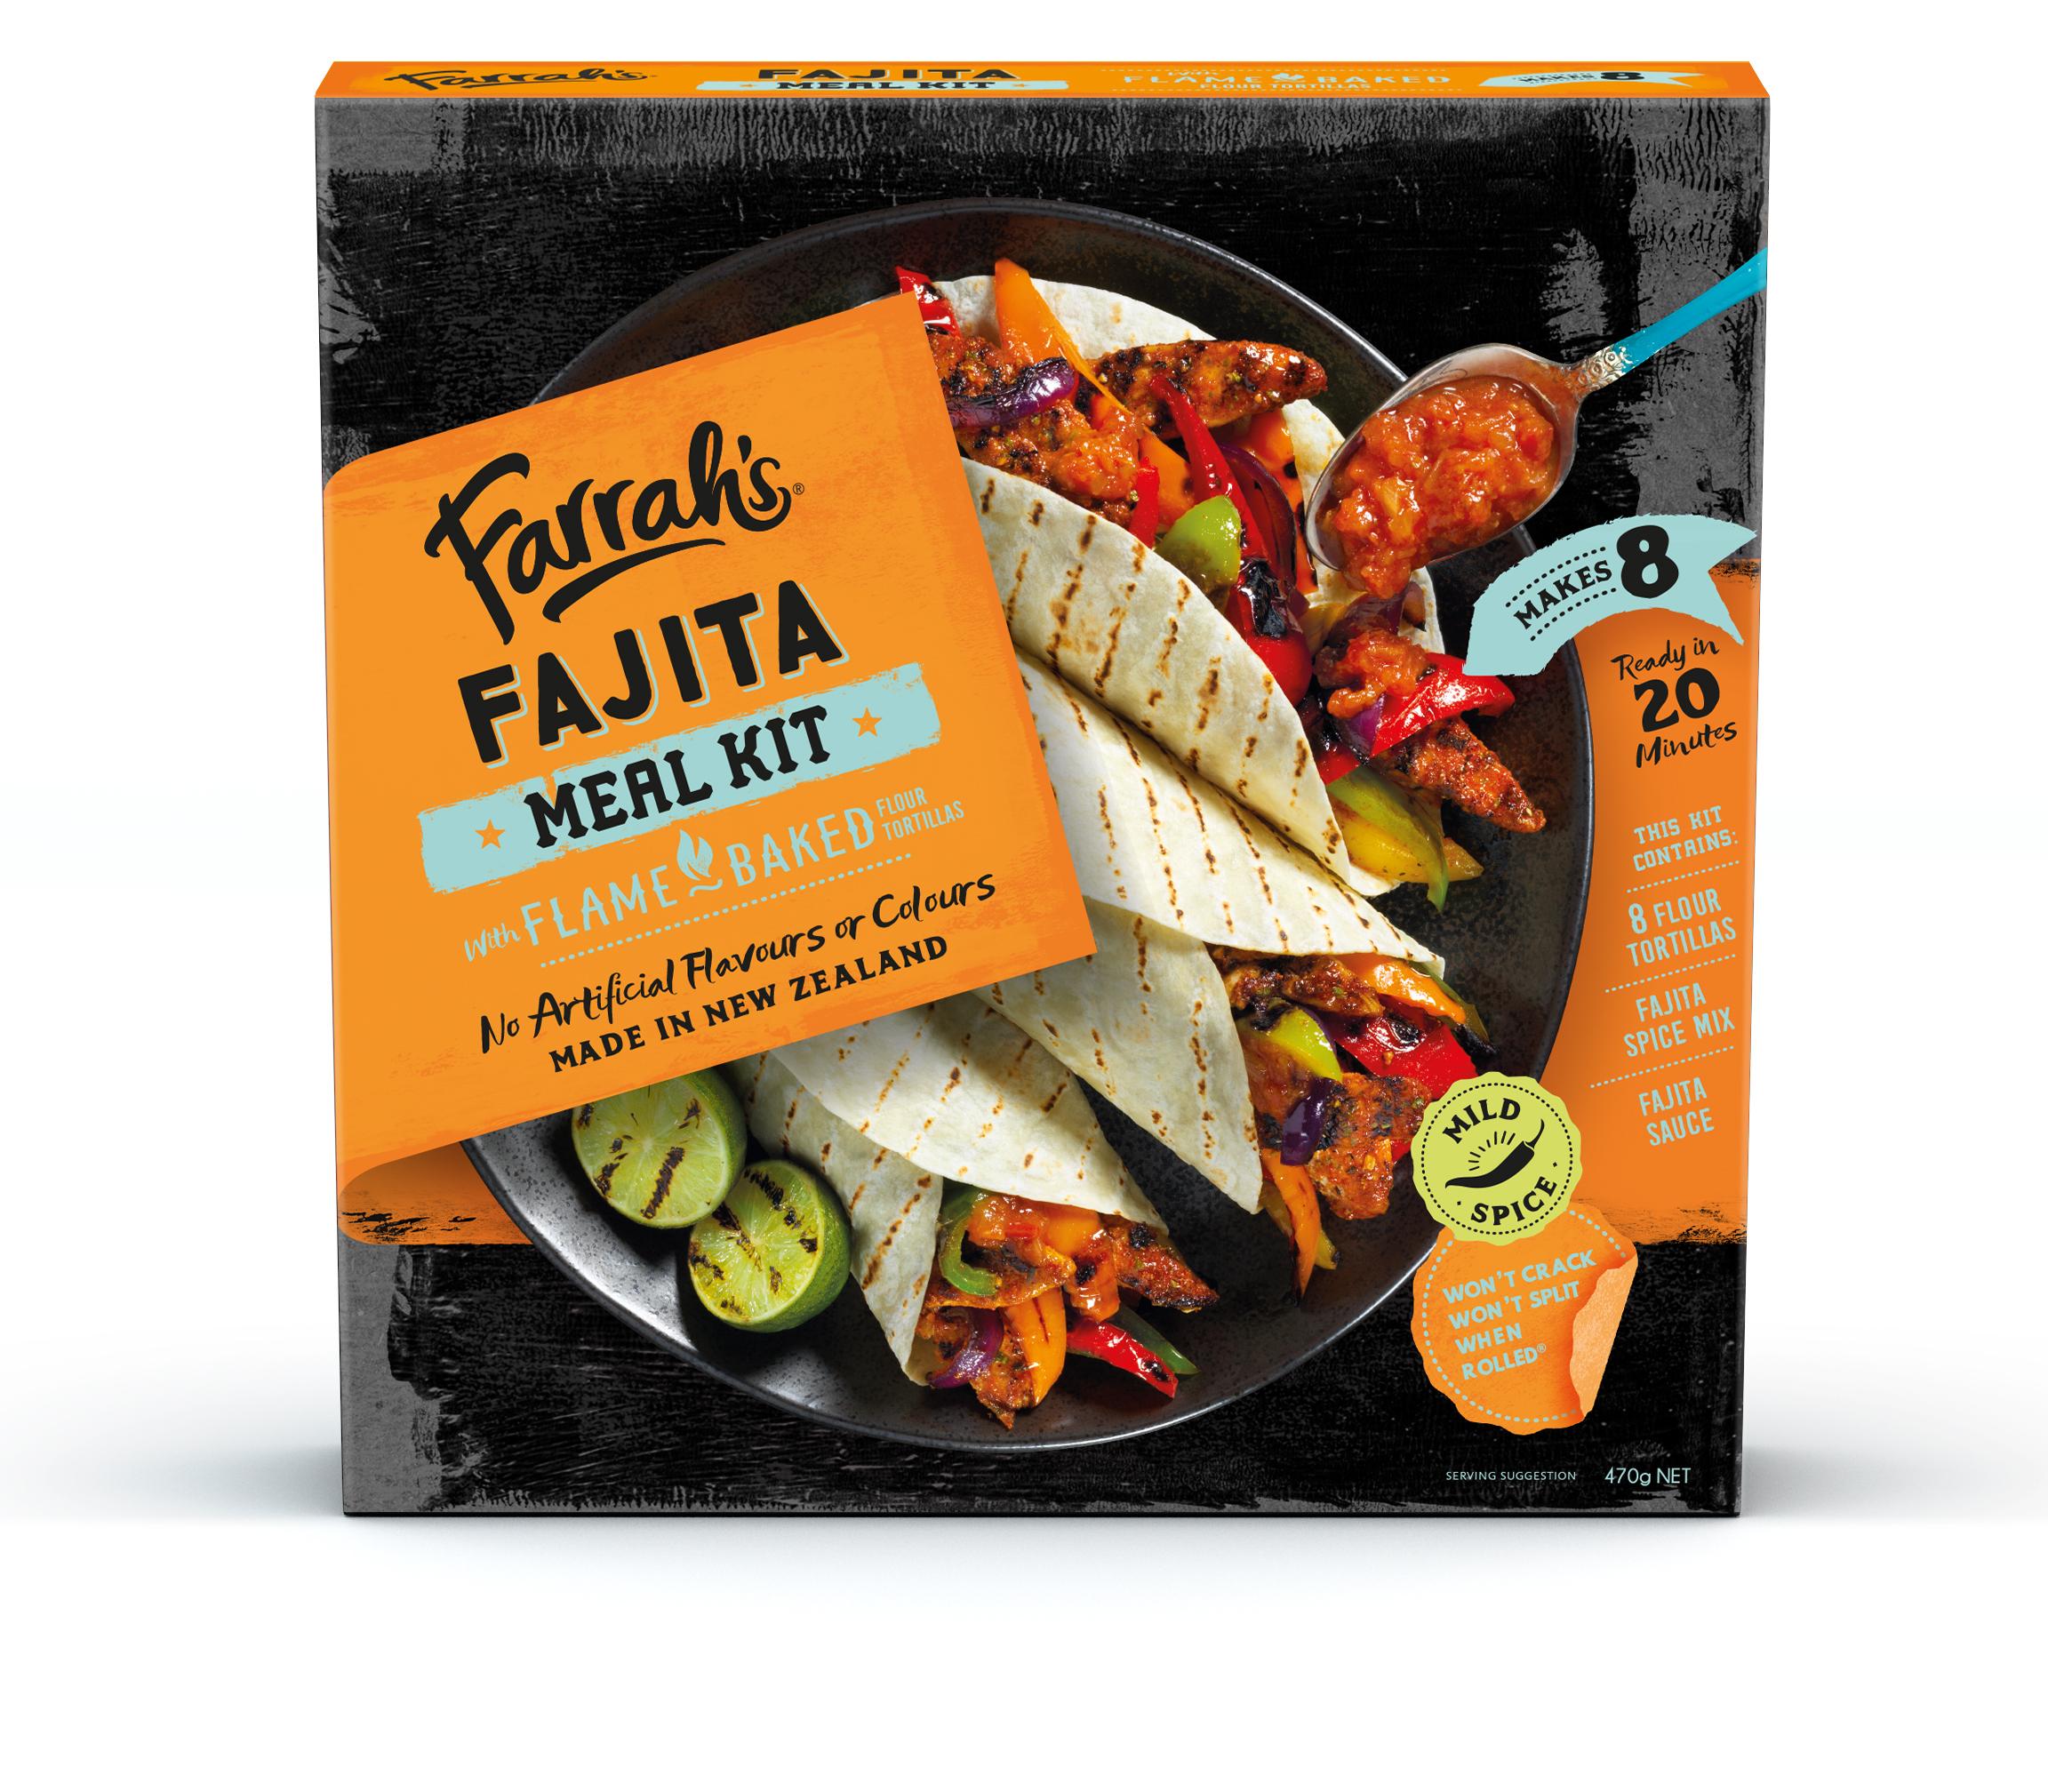 Farrahs_Meal_Kit-Fajita Render v3.jpg